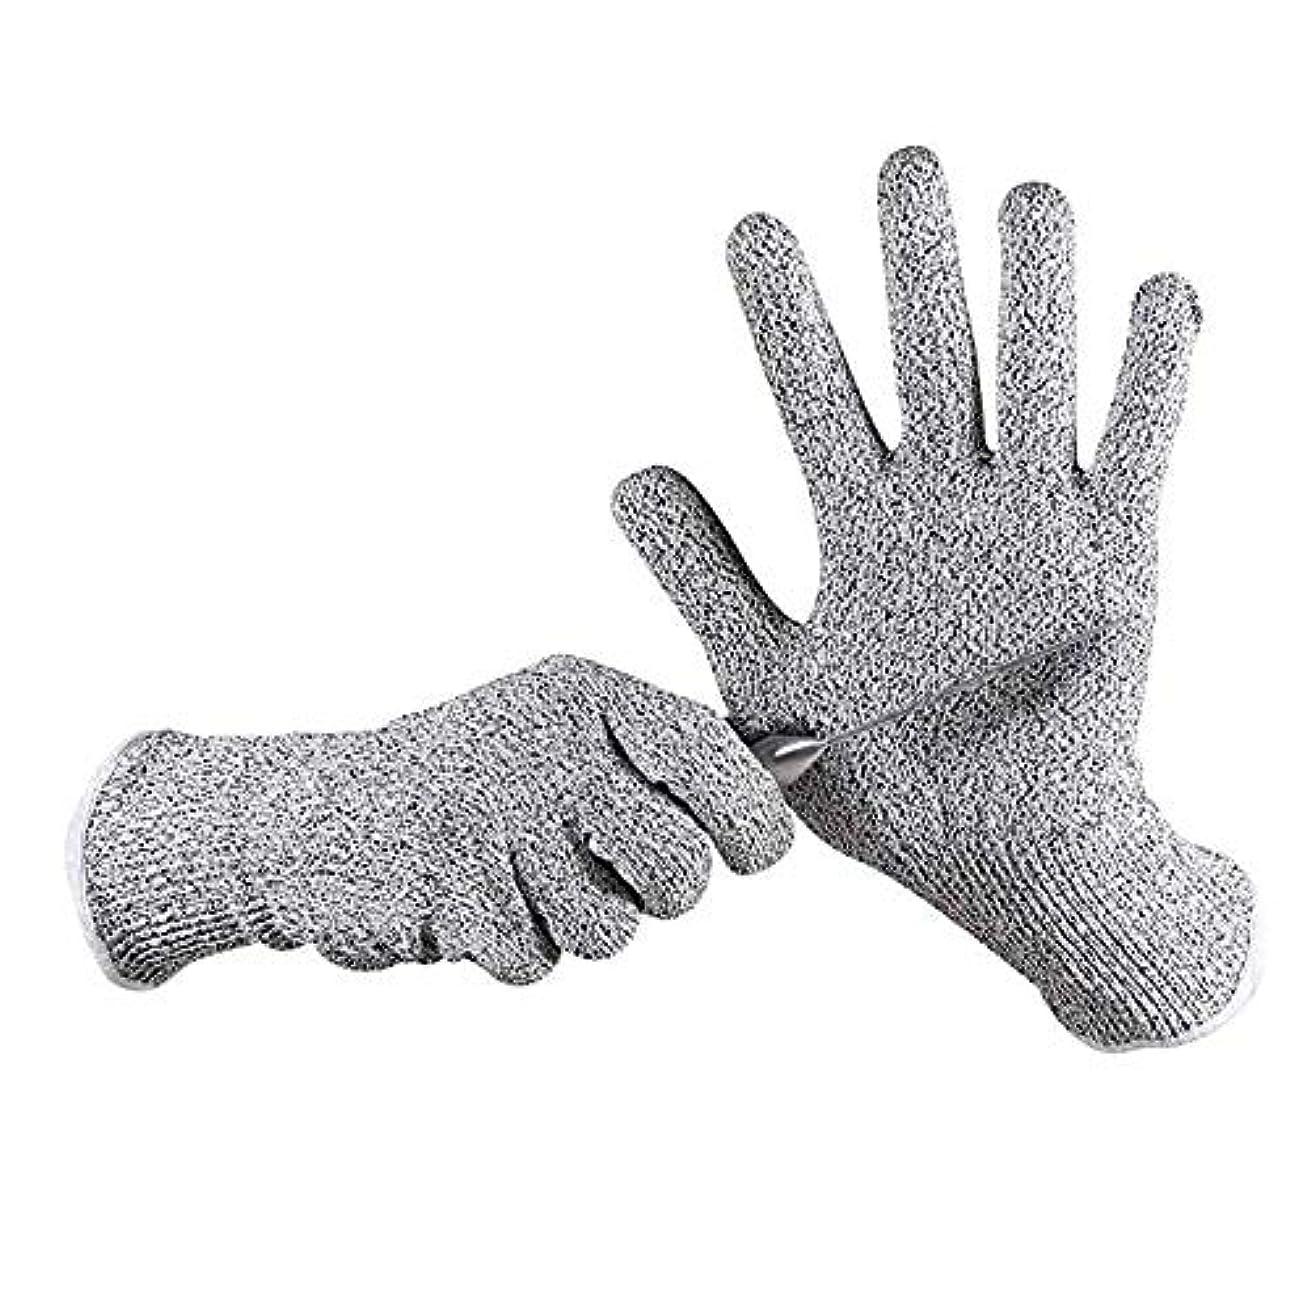 割るスカウト降雨カット性手袋、高性能レベル5の保護、食品グレード、安全キッチン作業や園芸用手袋をカット、1ペア